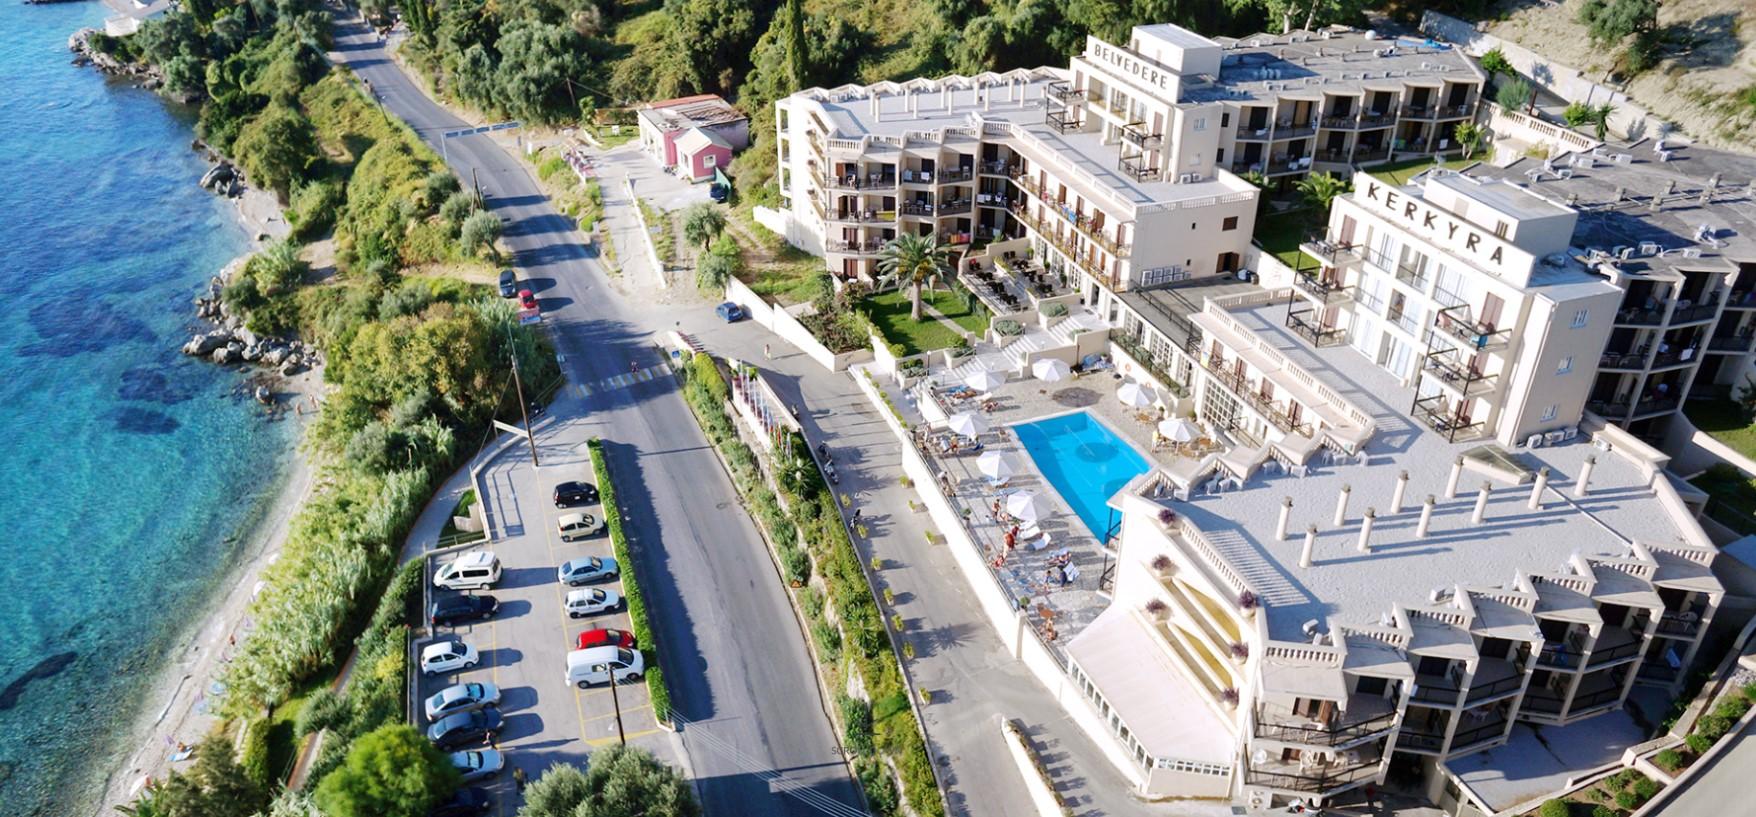 Hotel Belvedere Korfu